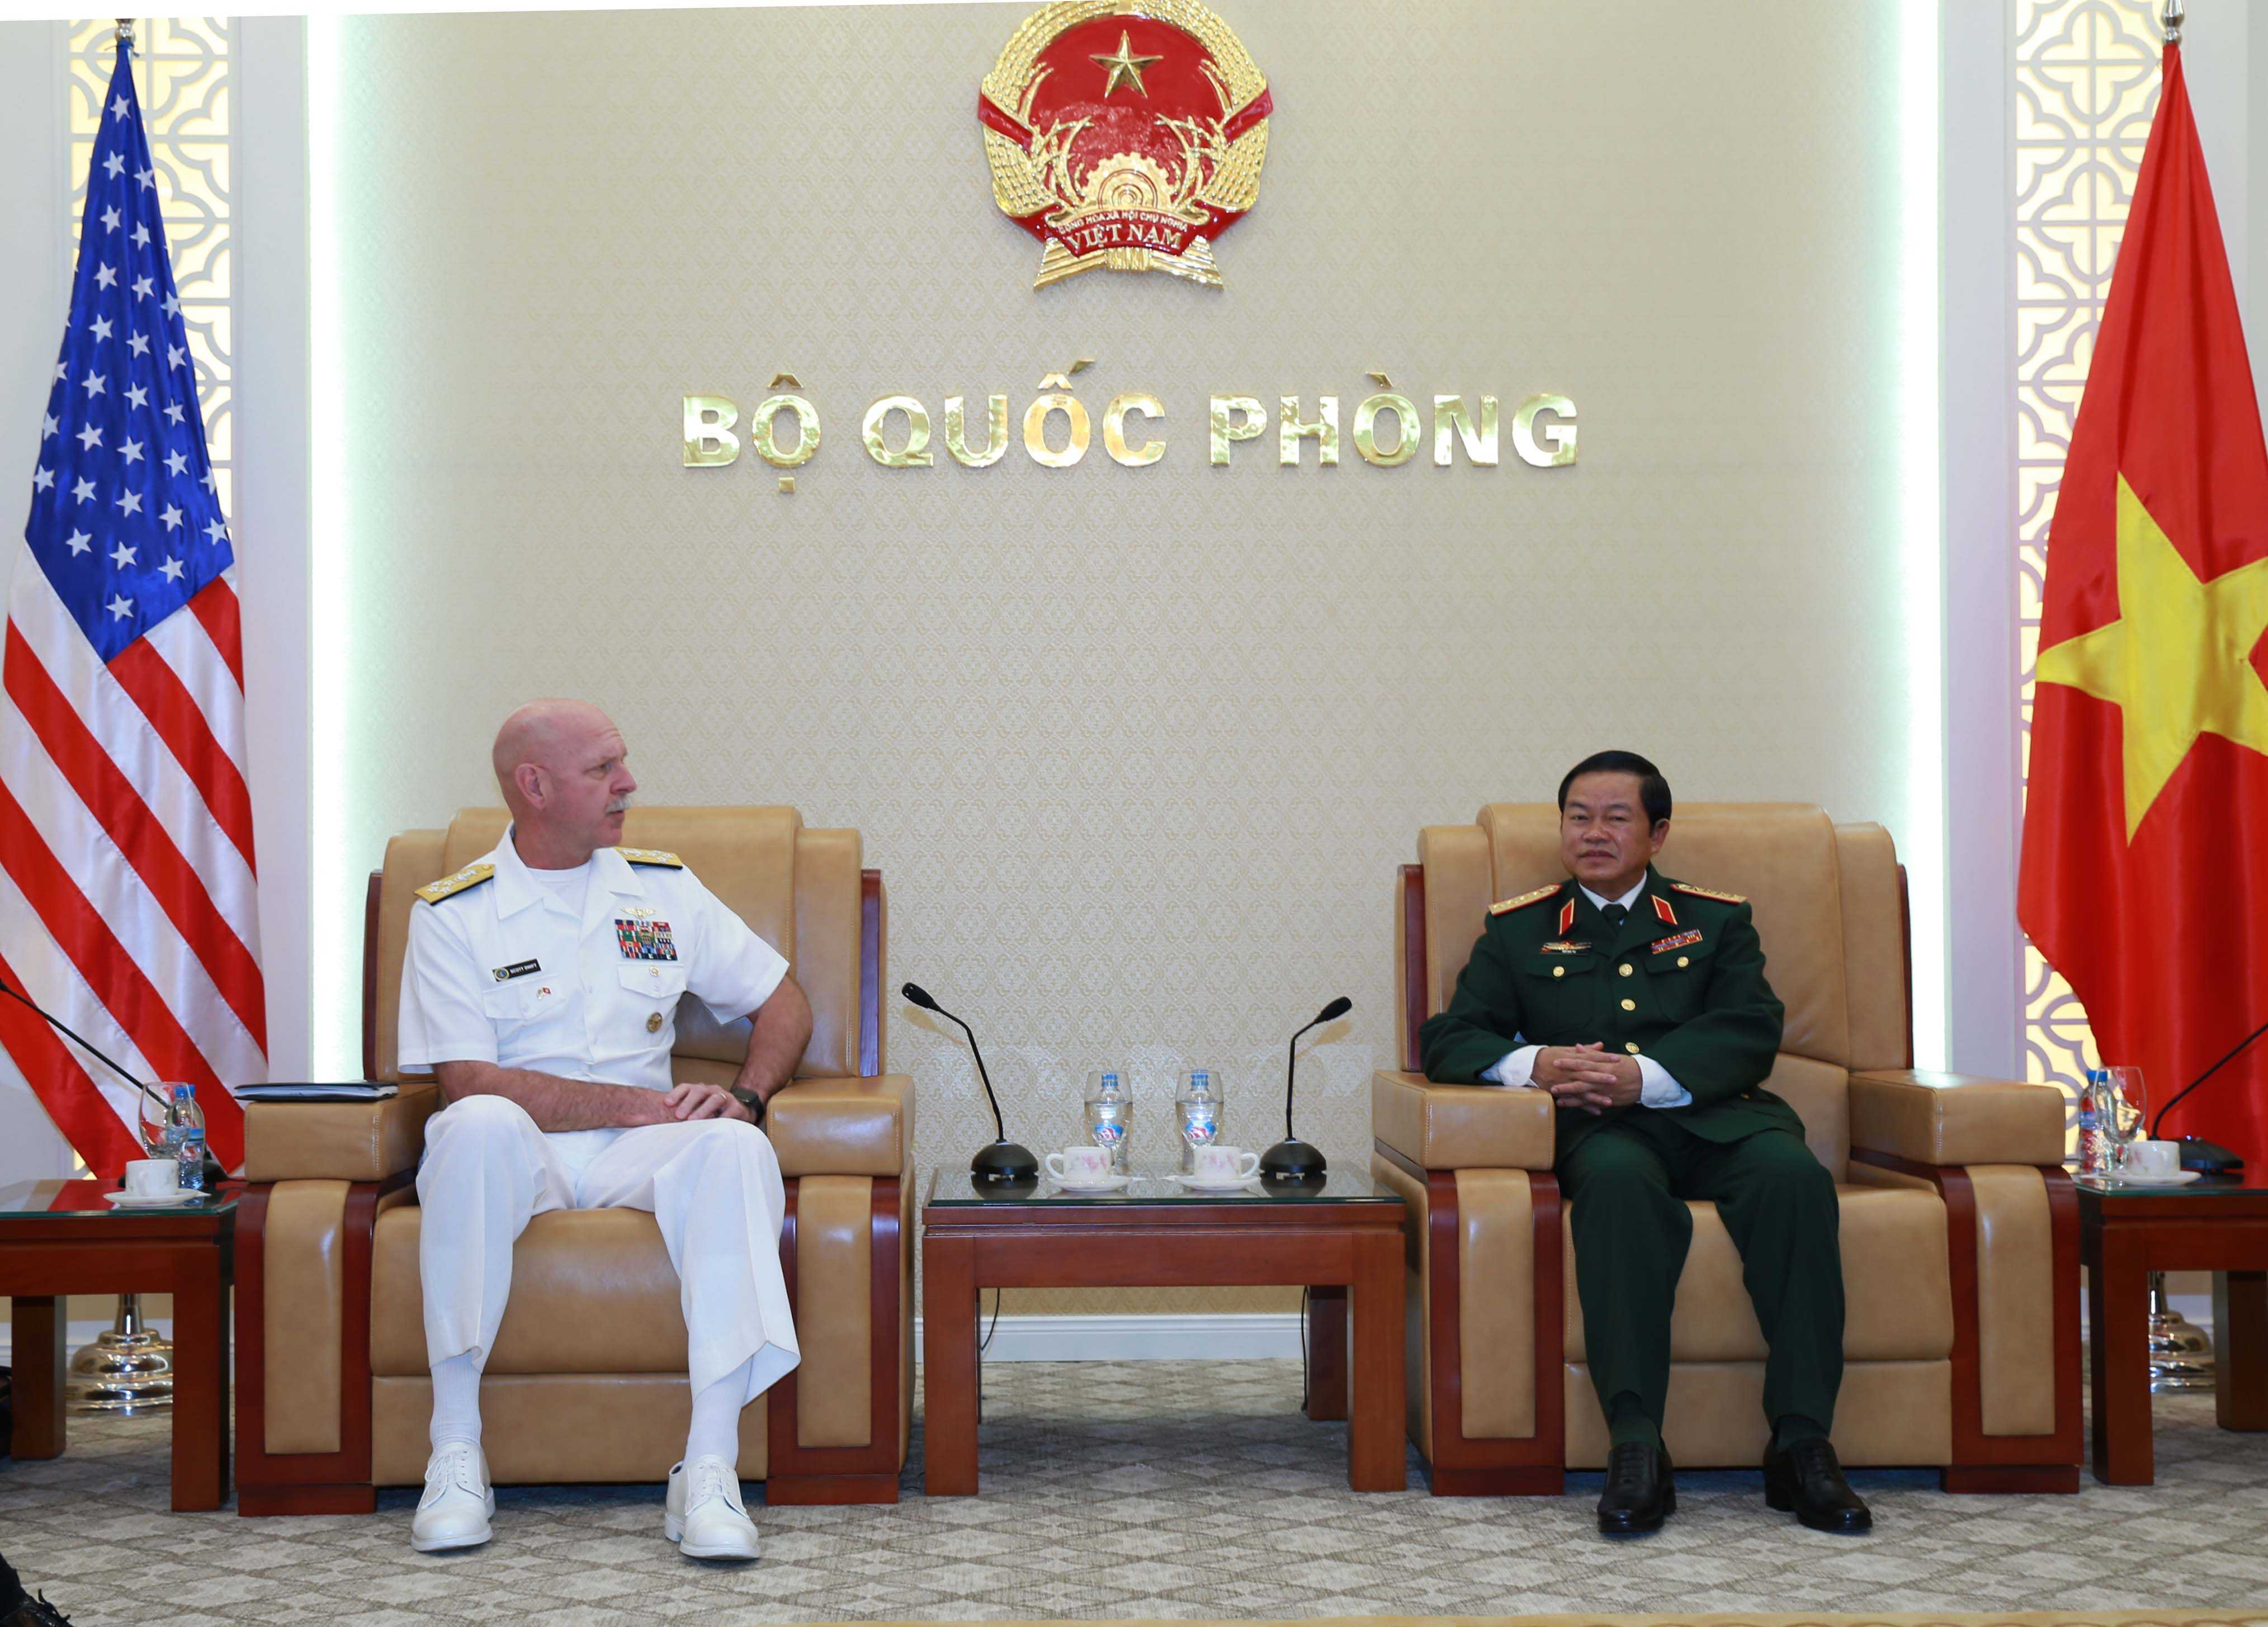 Đại tướng Đỗ Bá Tỵ, Tổng Tham mưu trưởng QĐND Việt Nam và Tư lệnh Hạm đội Thái Bình Dương, Mỹ Đô  đốc Scott  Swift - Ảnh: Hồng Pha